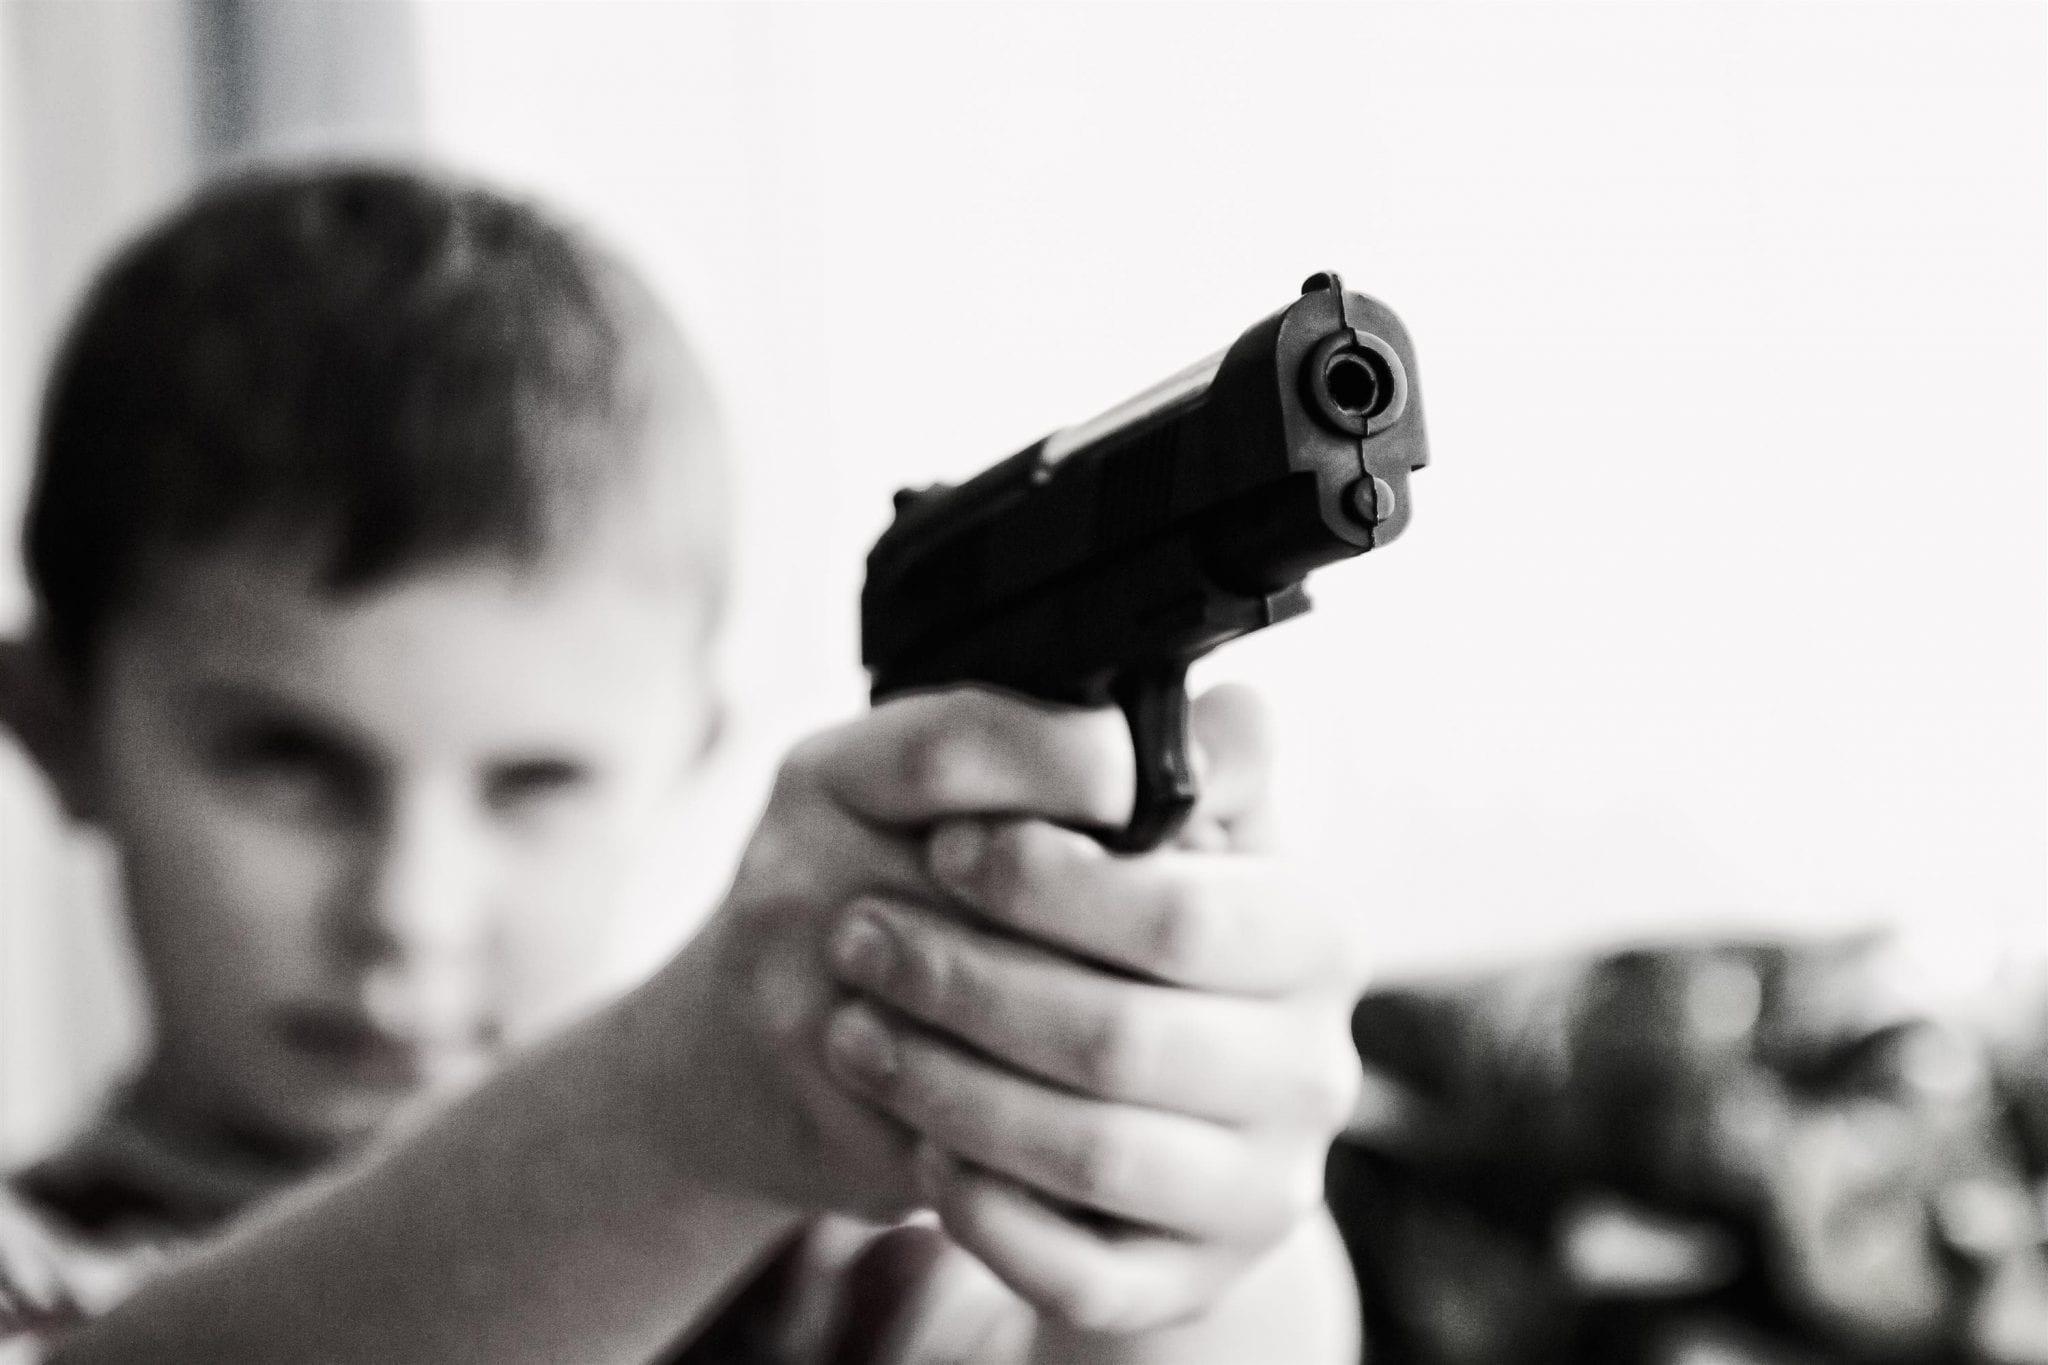 school shootings - guns at school